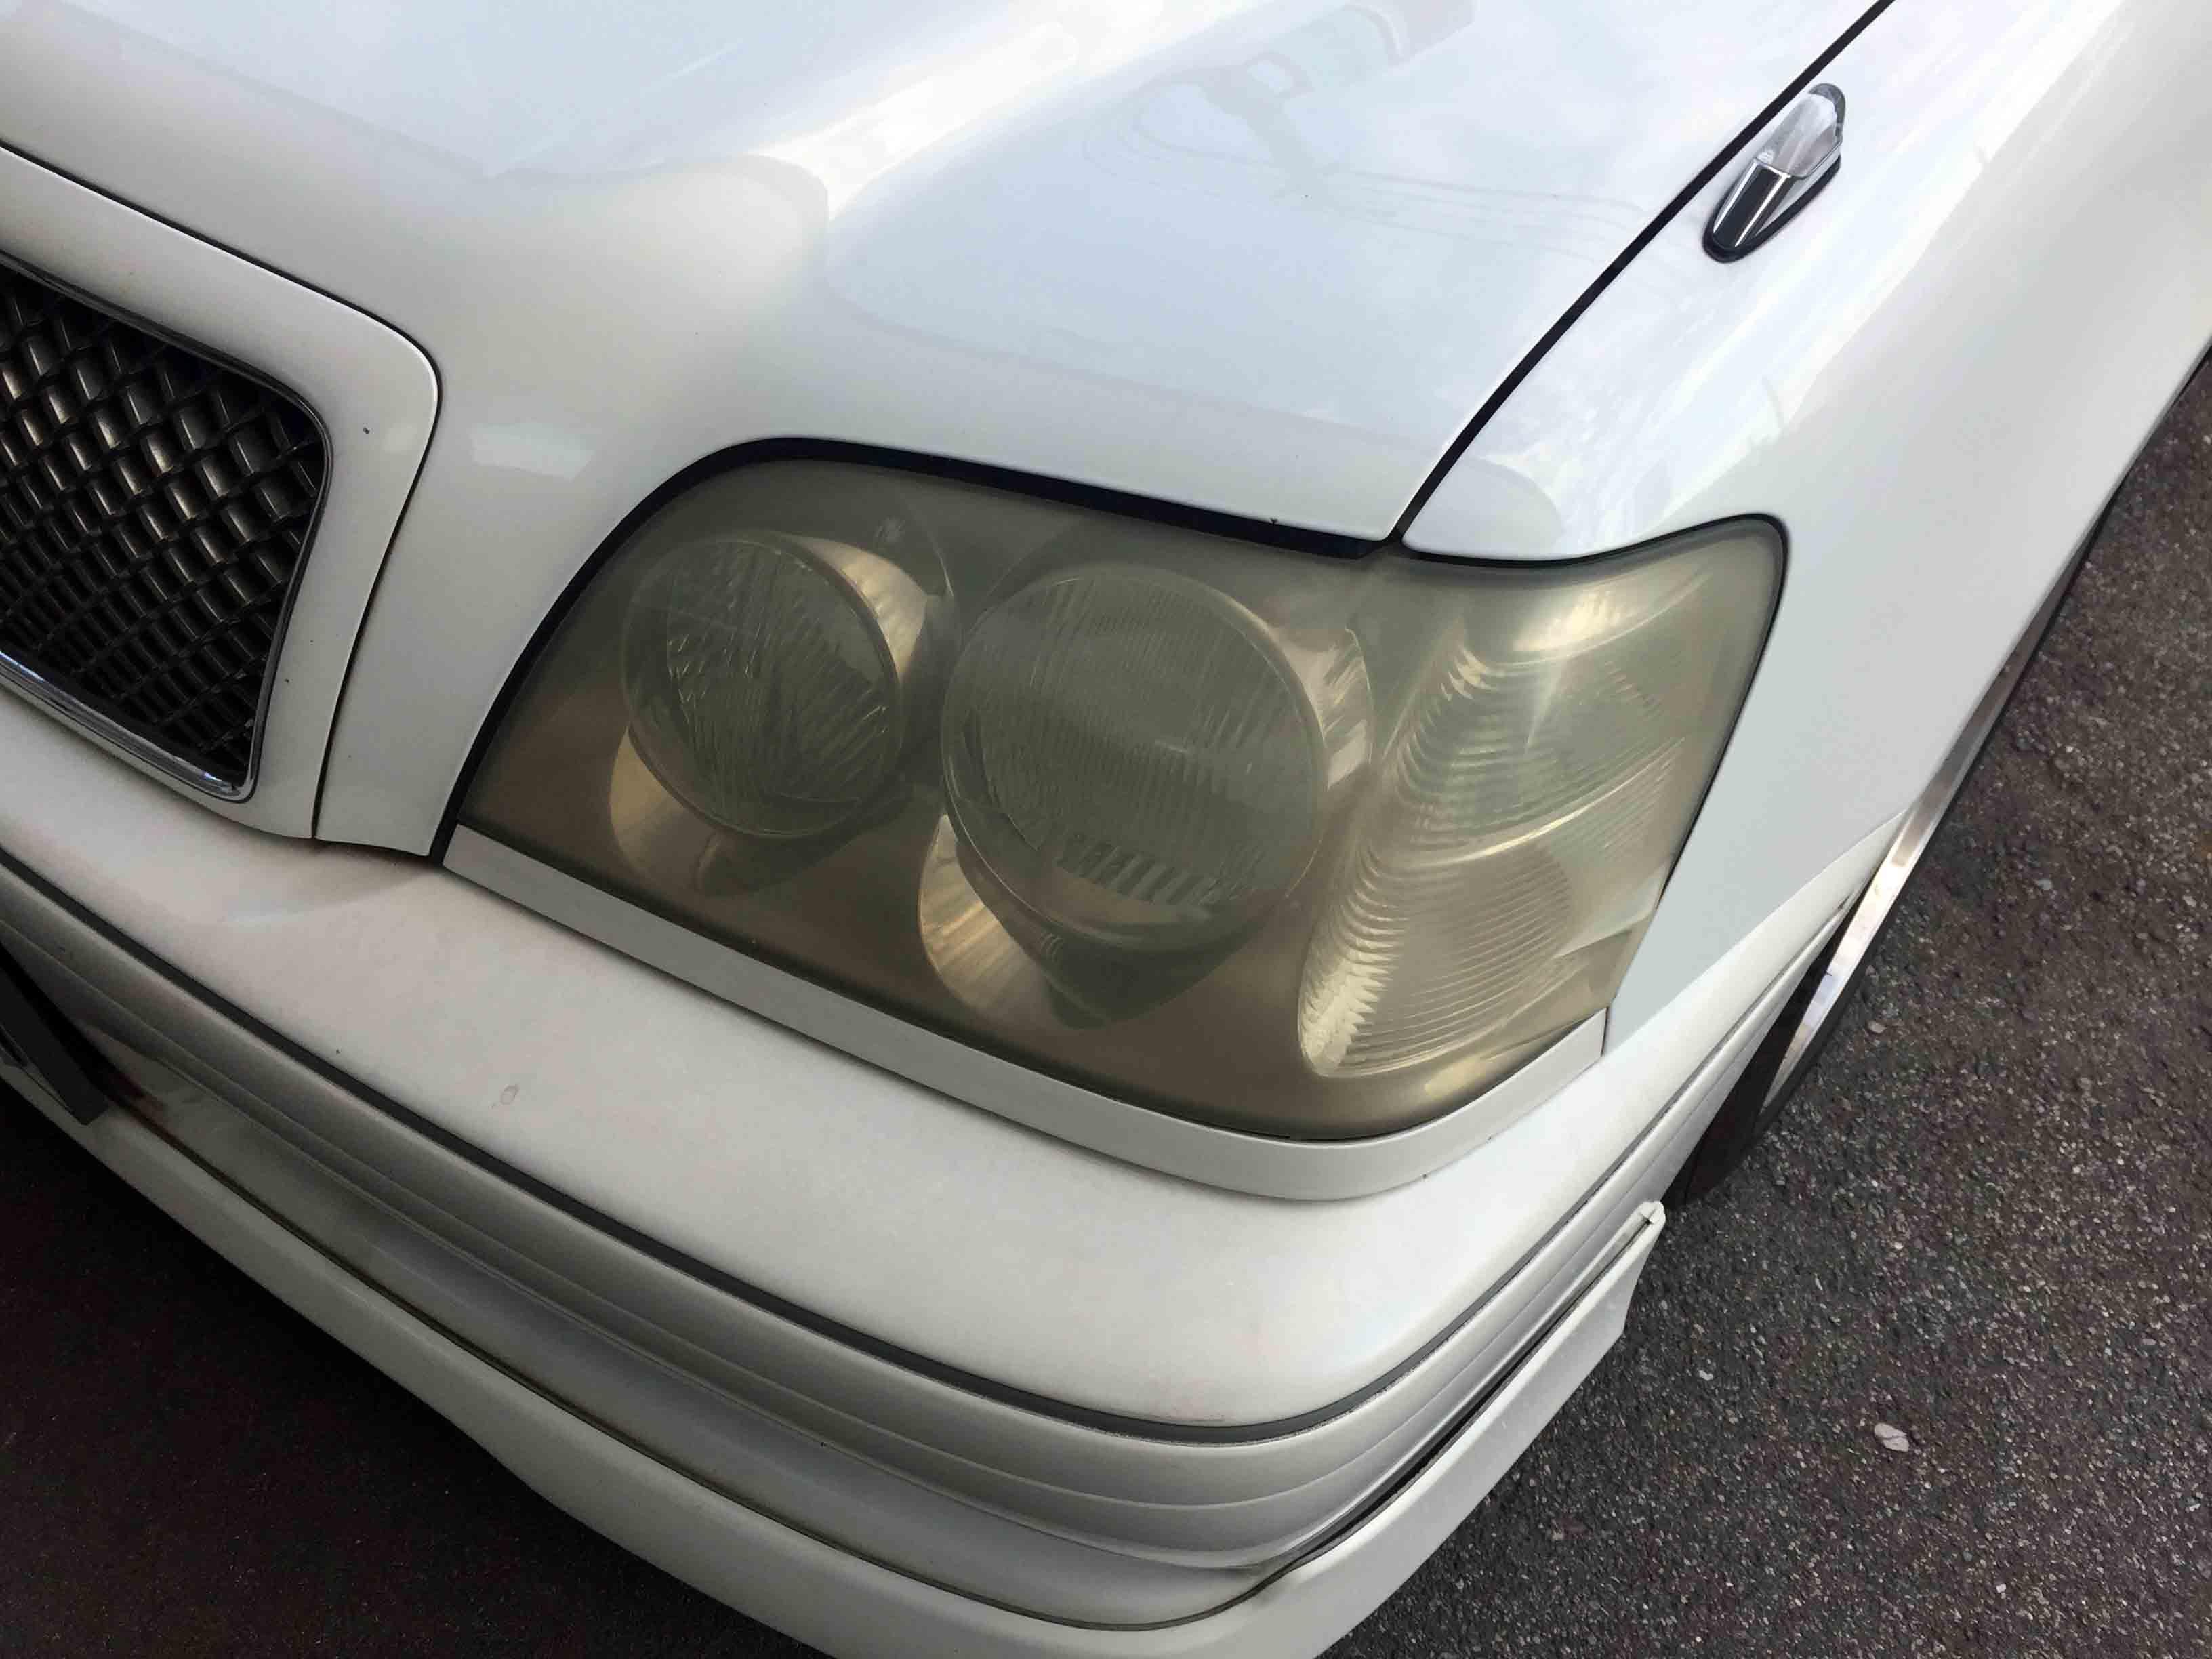 トヨタ17系クラウンヘッドライトが重度の劣化進行状態になっています